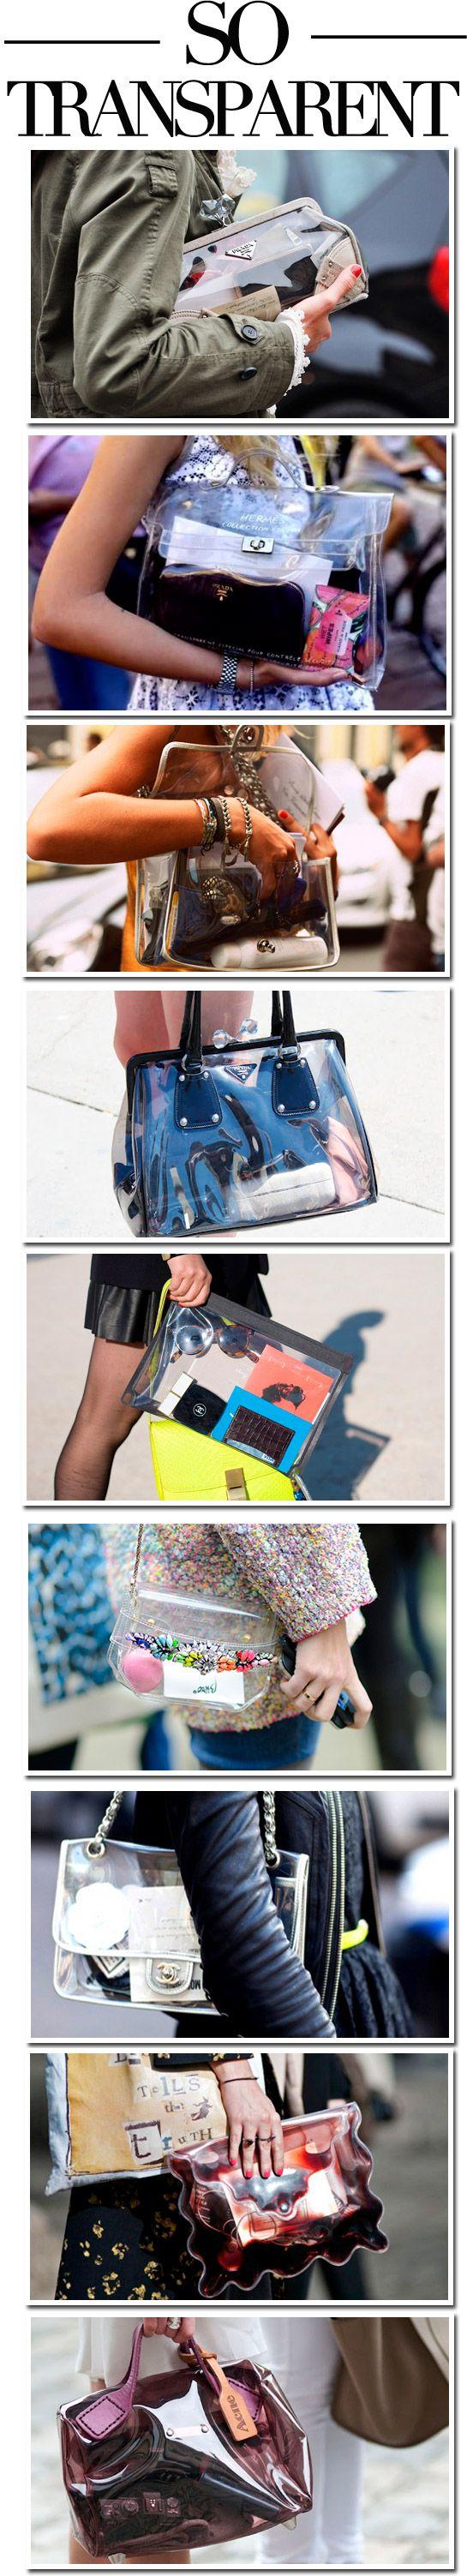 Prepare-se para tomar mais cuidado com o que você leva na sua bolsa. As bolsas transparentes estão invadindo a moda. Valentino fez a sua versão da bolsa queridinha de tachas. Burberry também desfil…